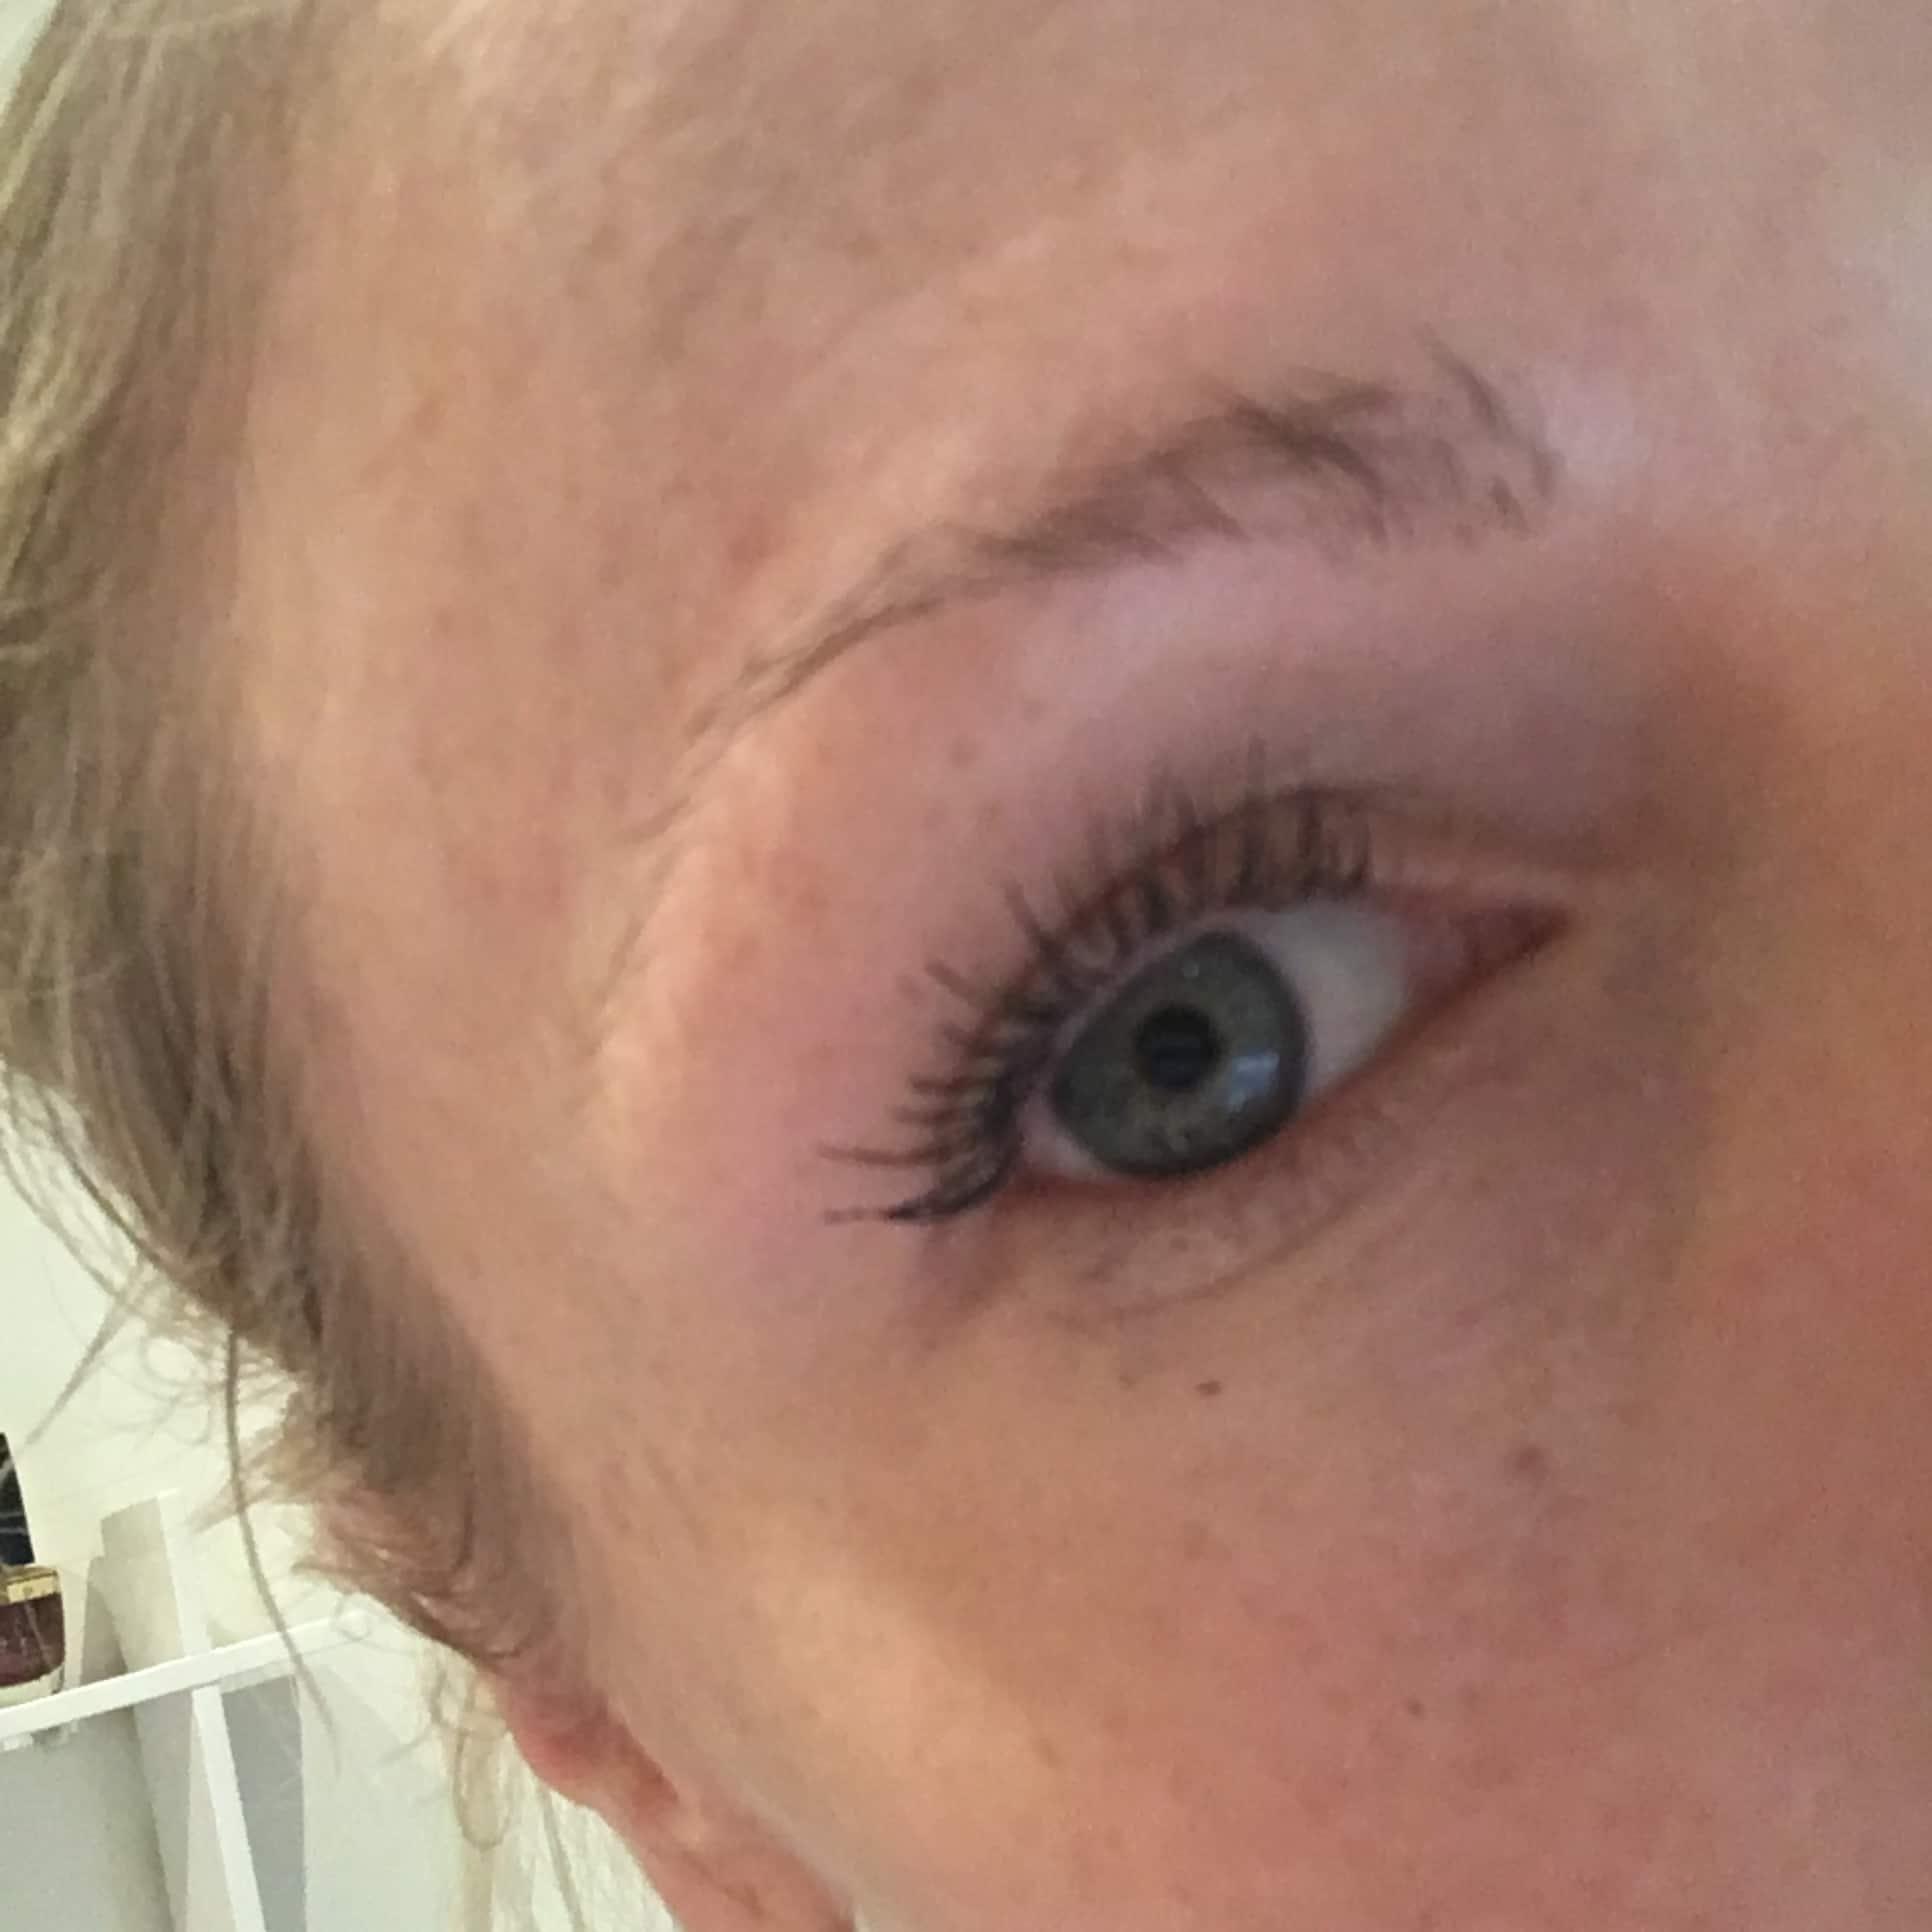 hur ofta färga ögonbryn